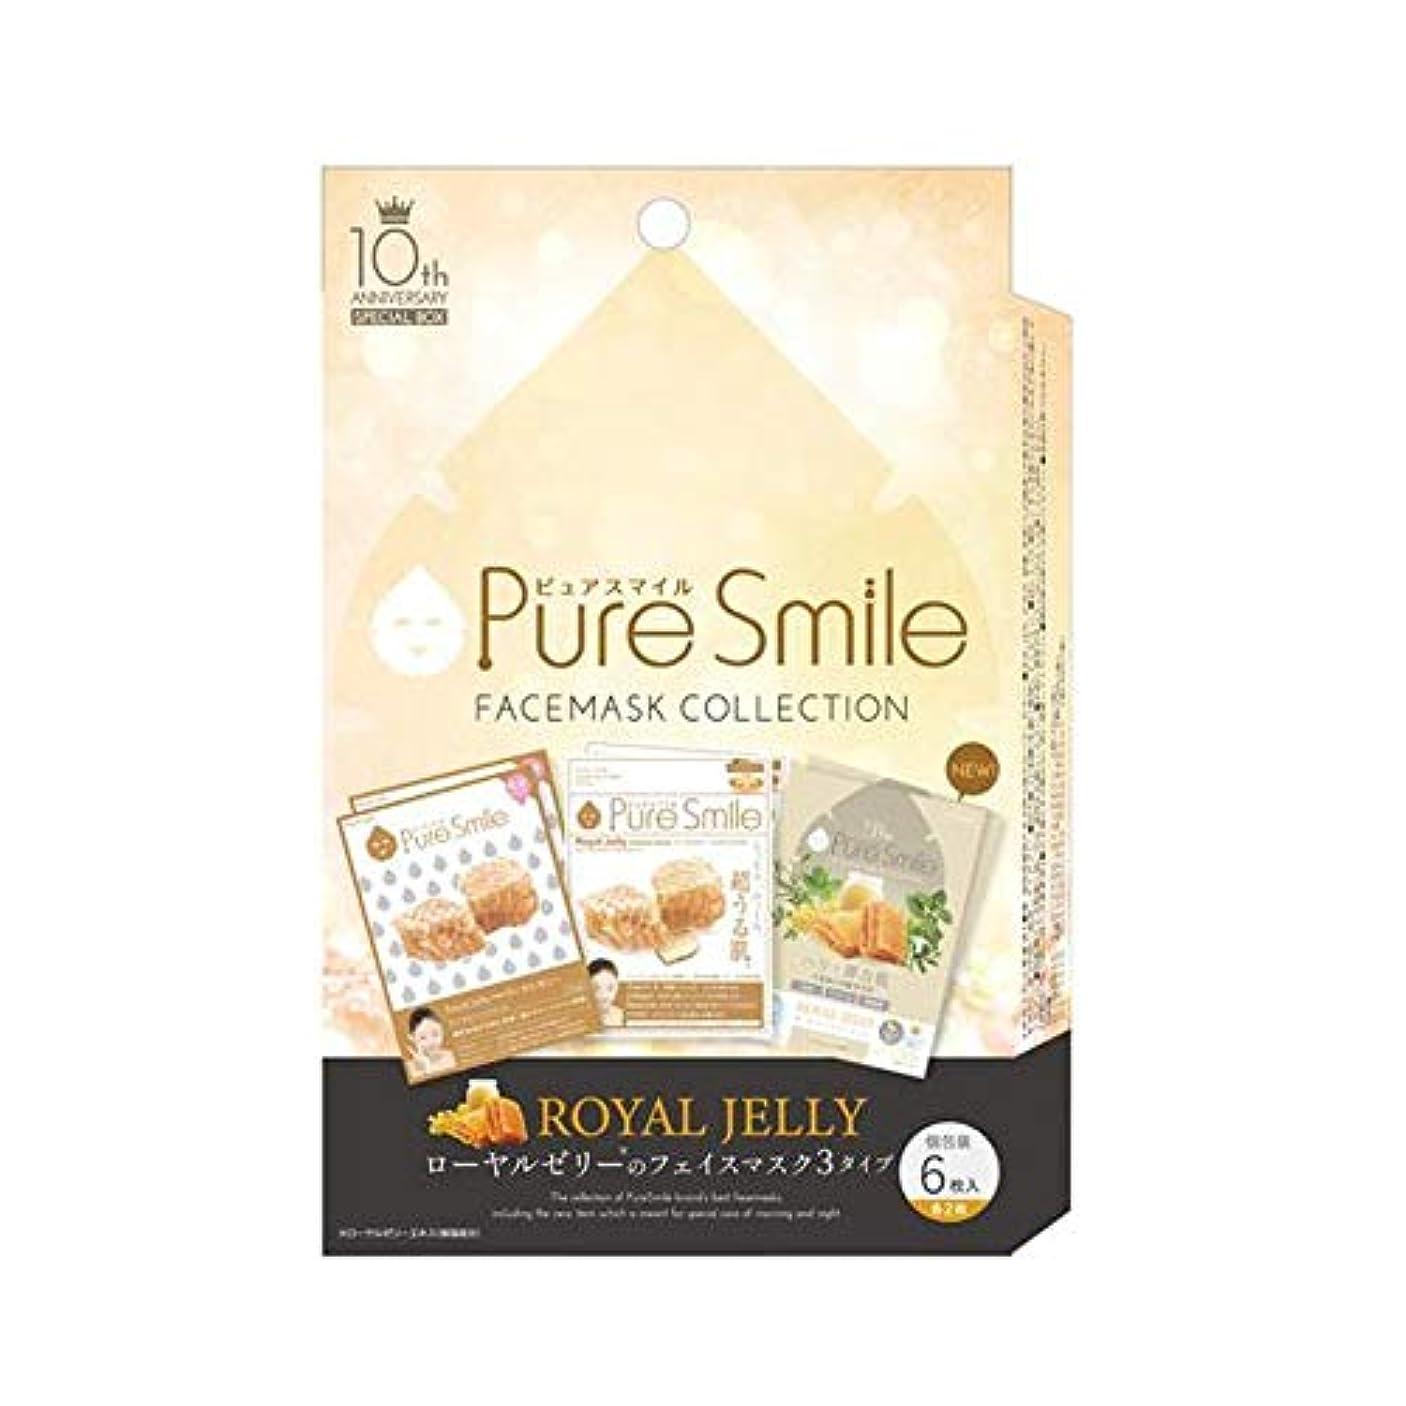 頭痛たくさんのポットピュア スマイル Pure Smile 10thアニバーサリー スペシャルボックス ローヤルゼリーエキス 6枚入り